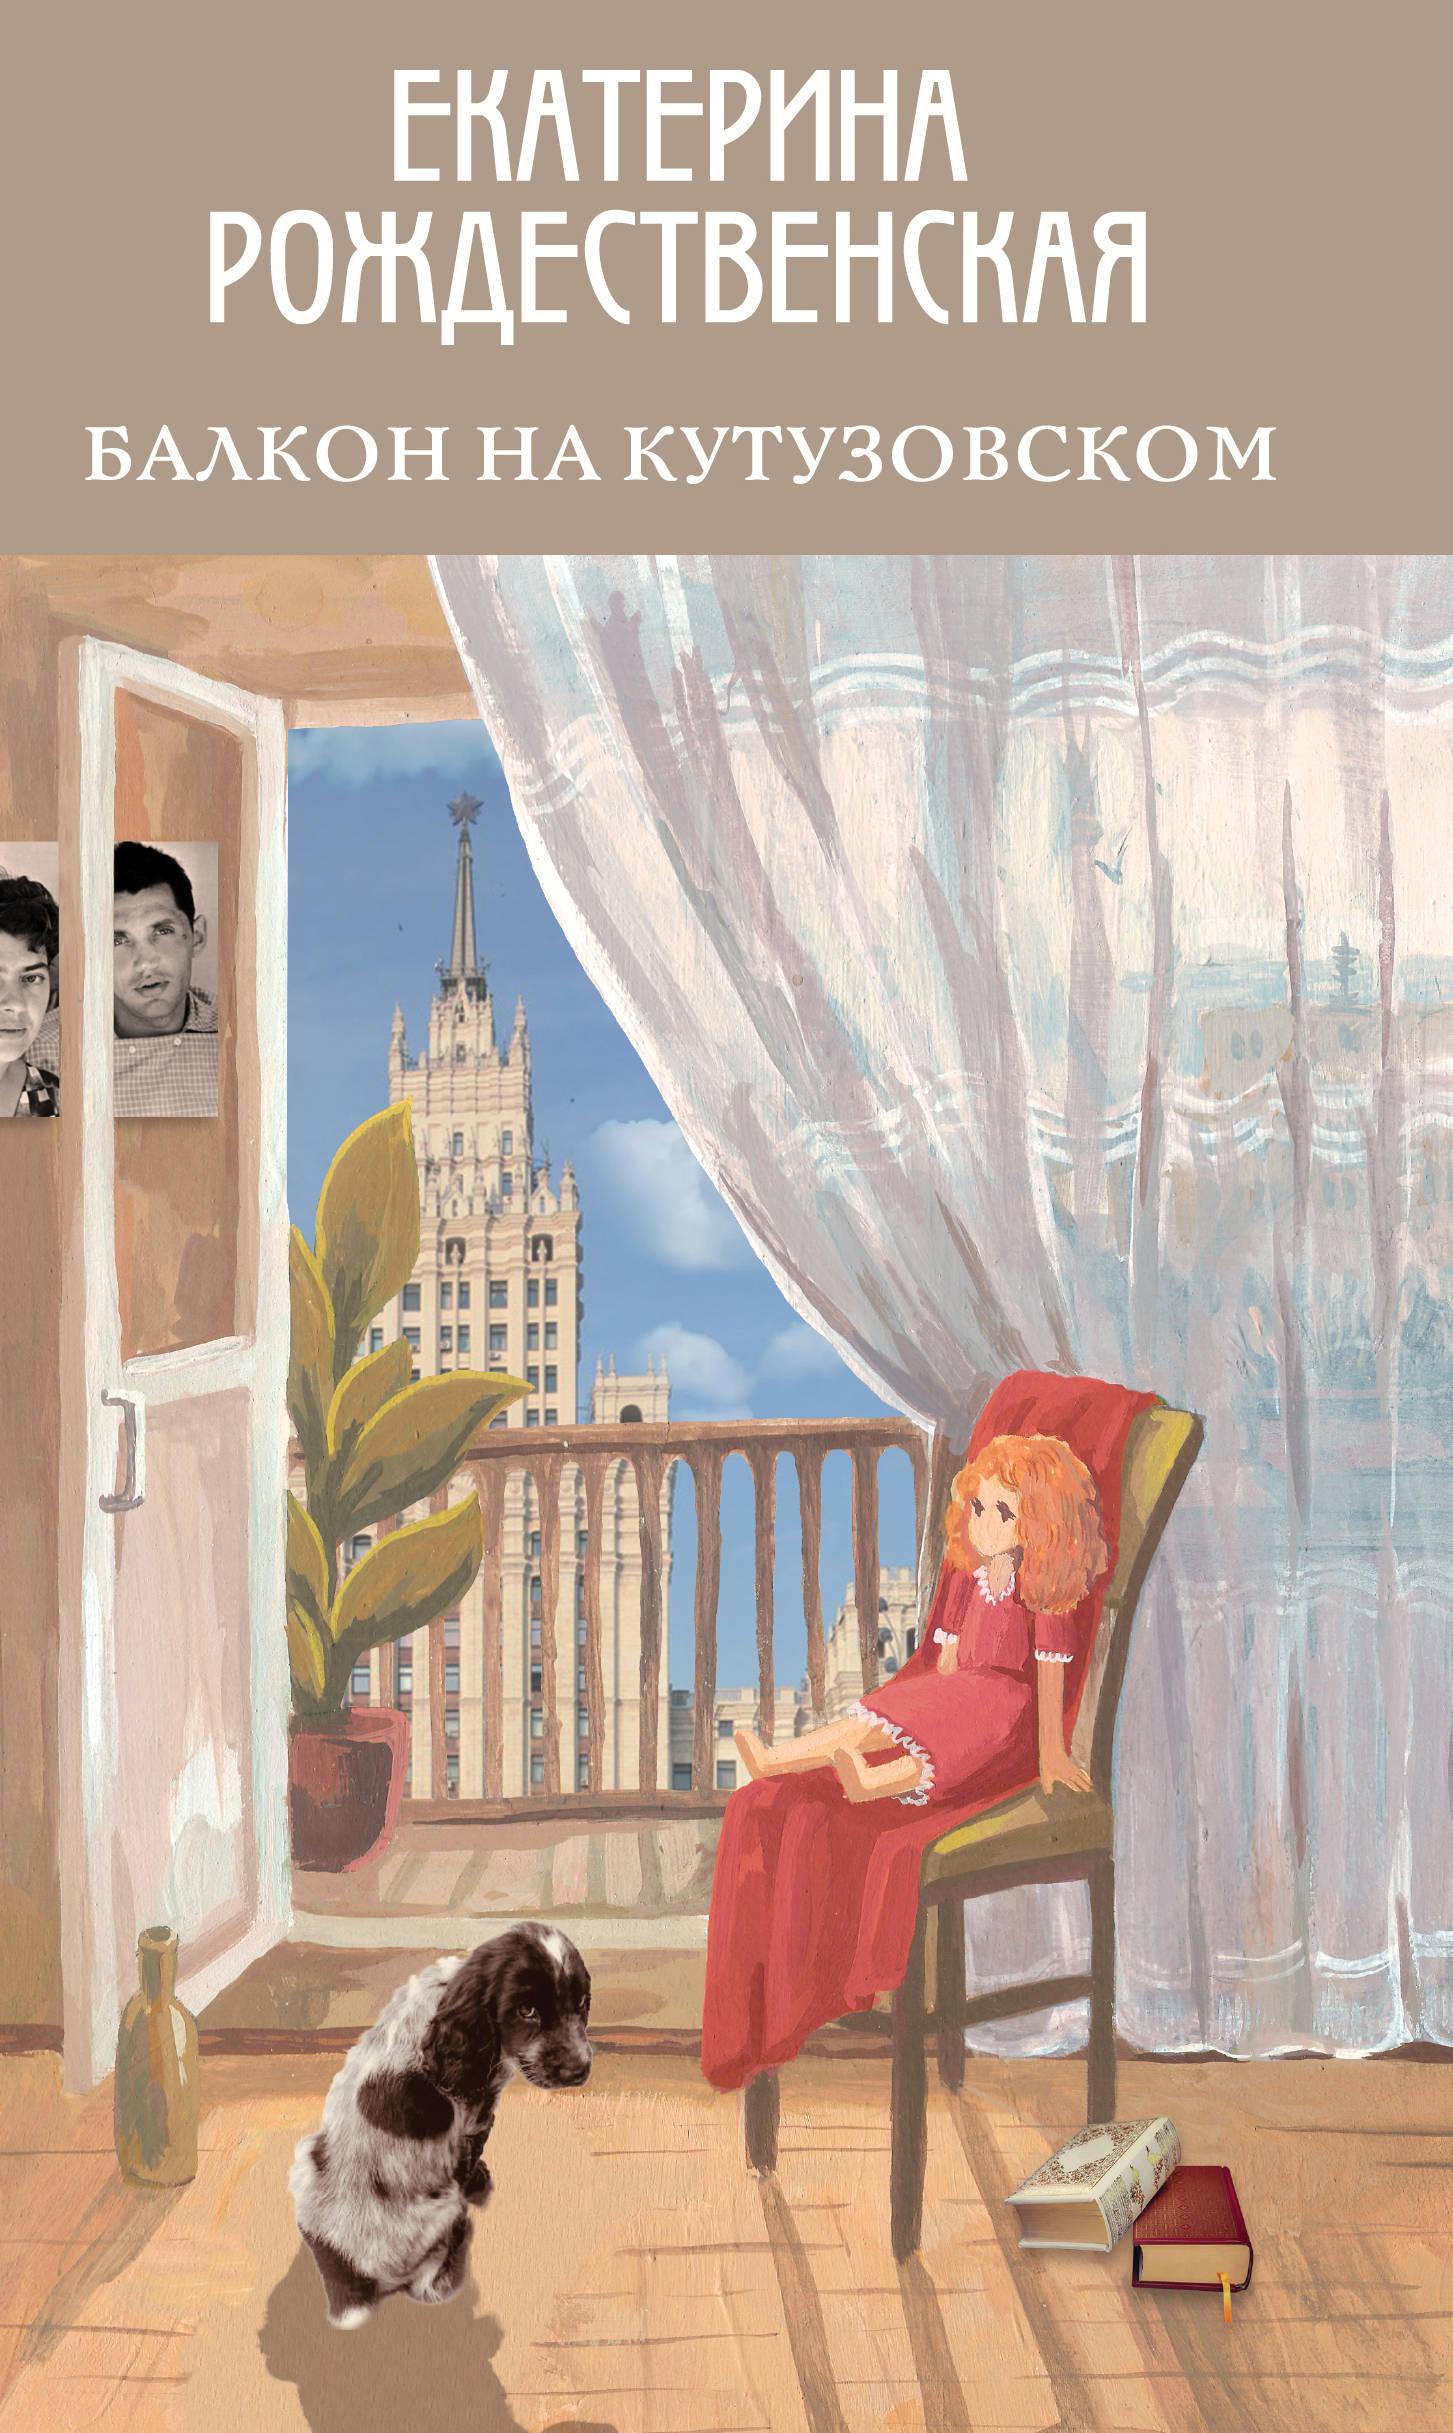 Balkon na Kutuzovskom